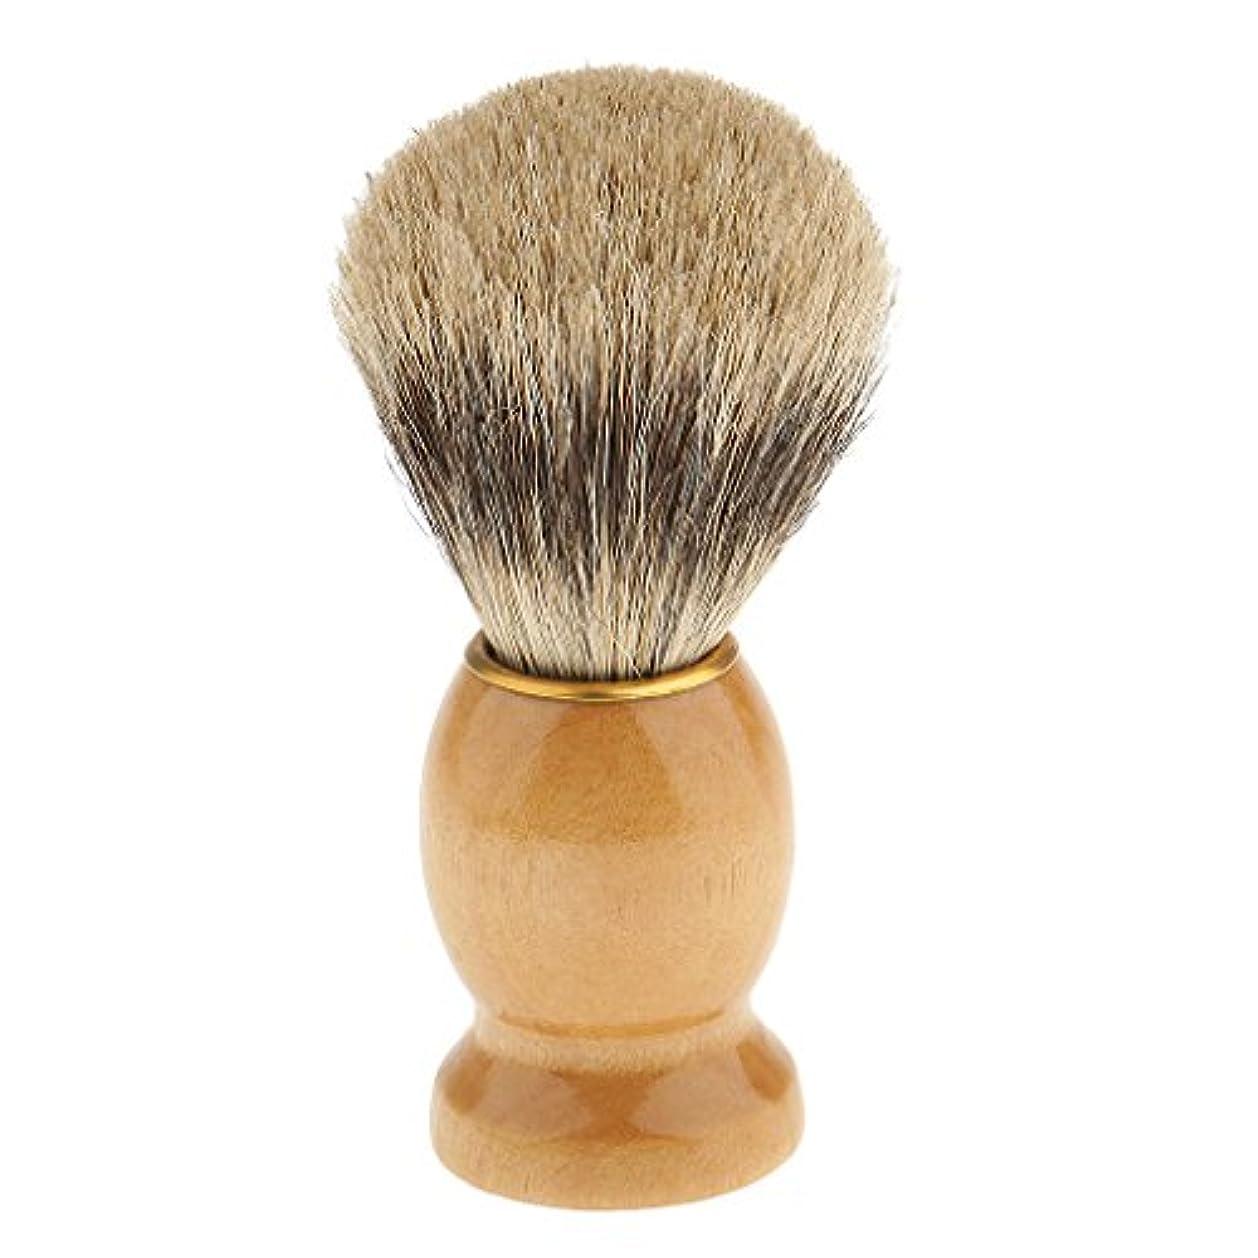 散るアルカトラズ島検体シェービングブラシ 髭剃り 泡立ち 洗顔ブラシ 髭剃りブラシ 理髪ツール サロン 全5種類 - 1